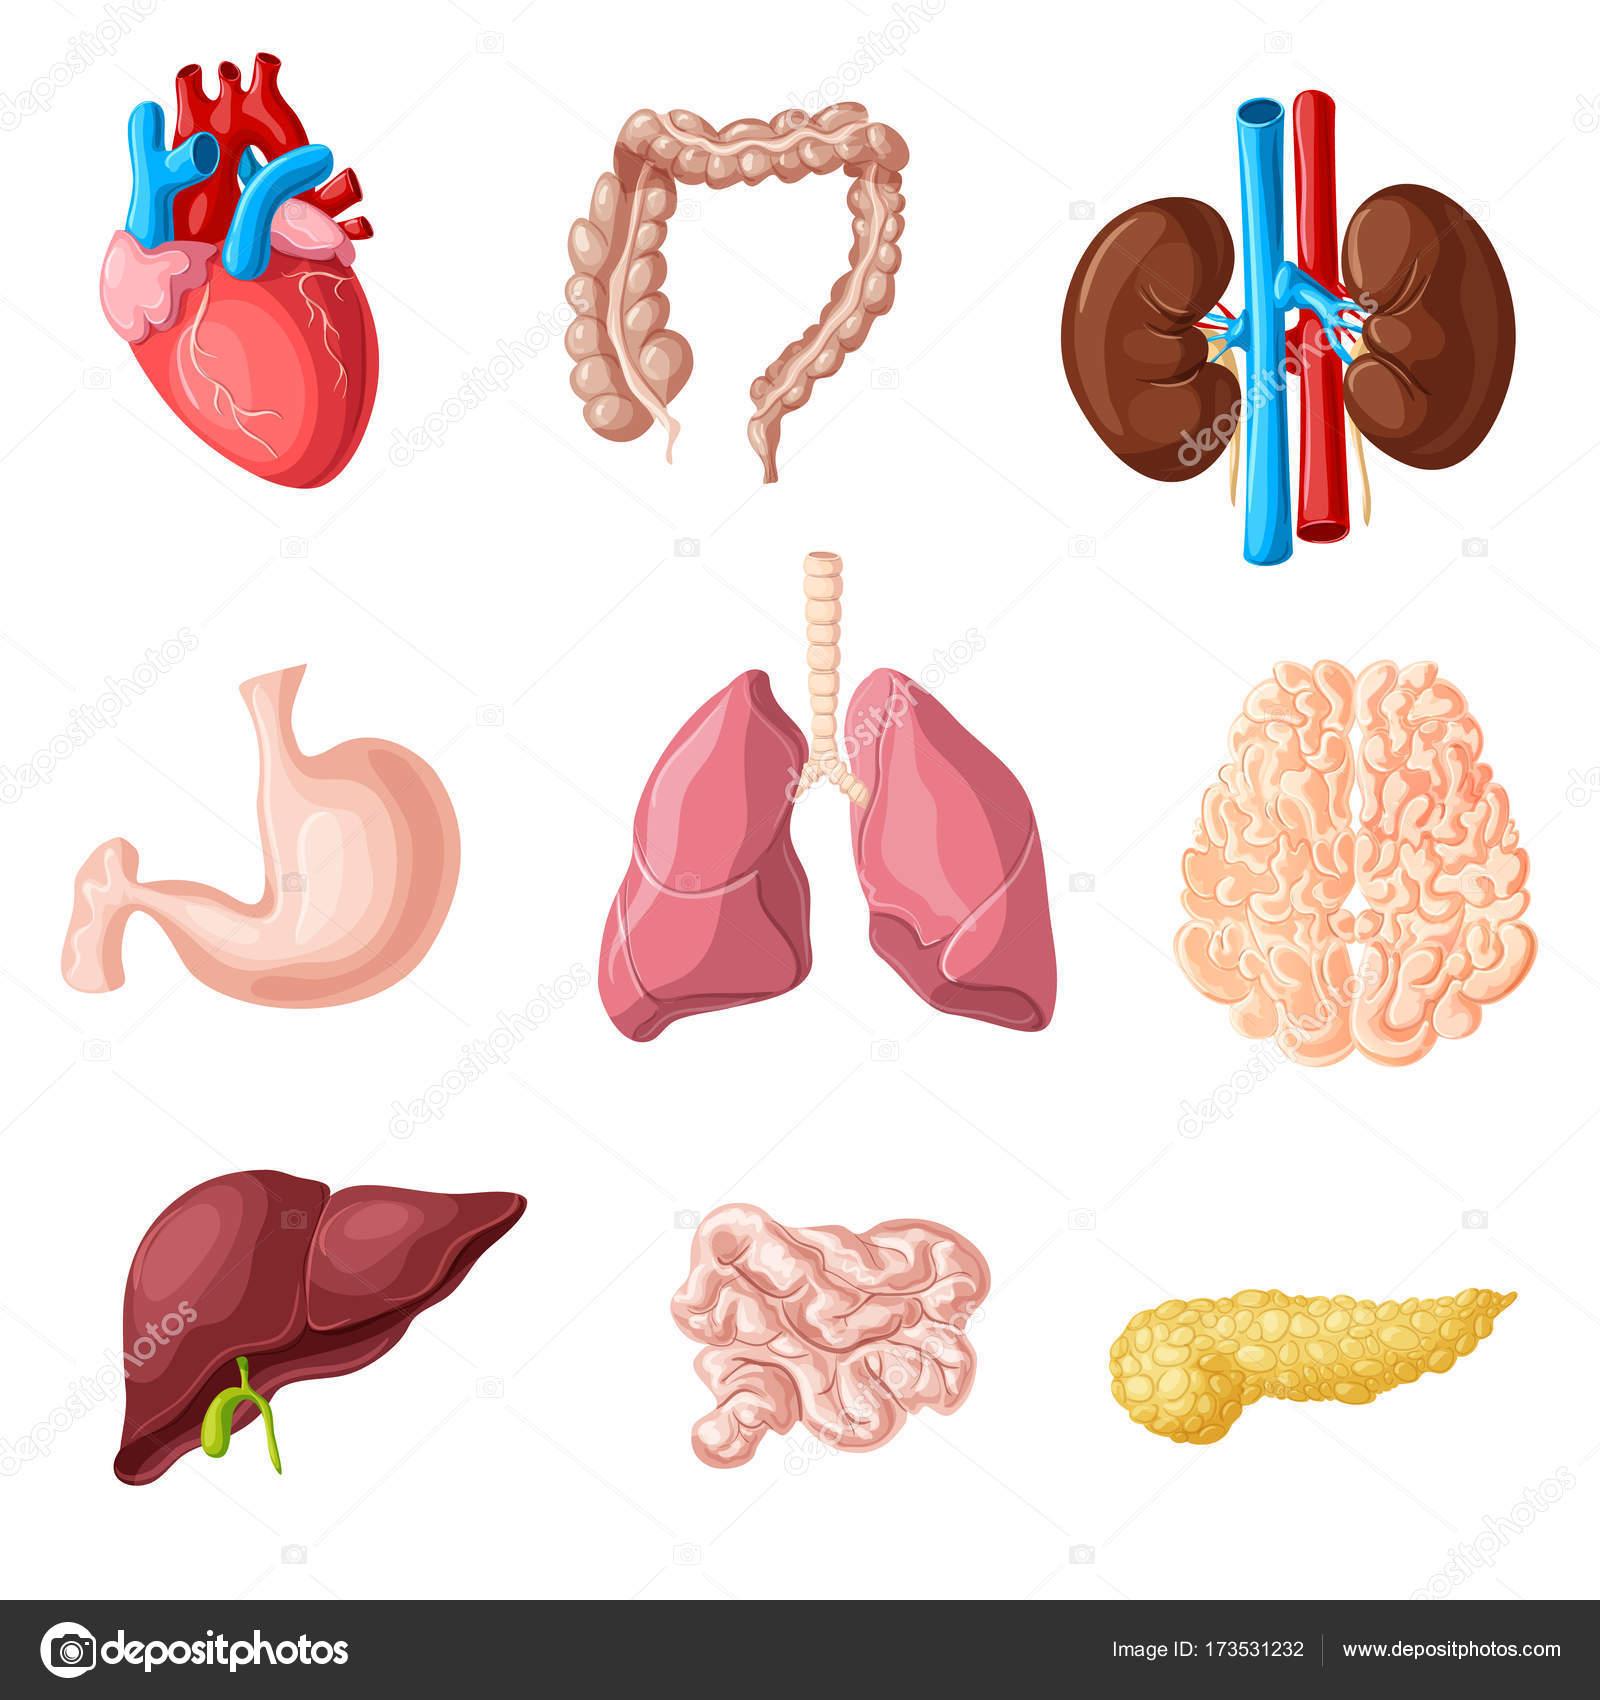 Conjunto de los órganos internos humanos dibujos animados — Archivo ...